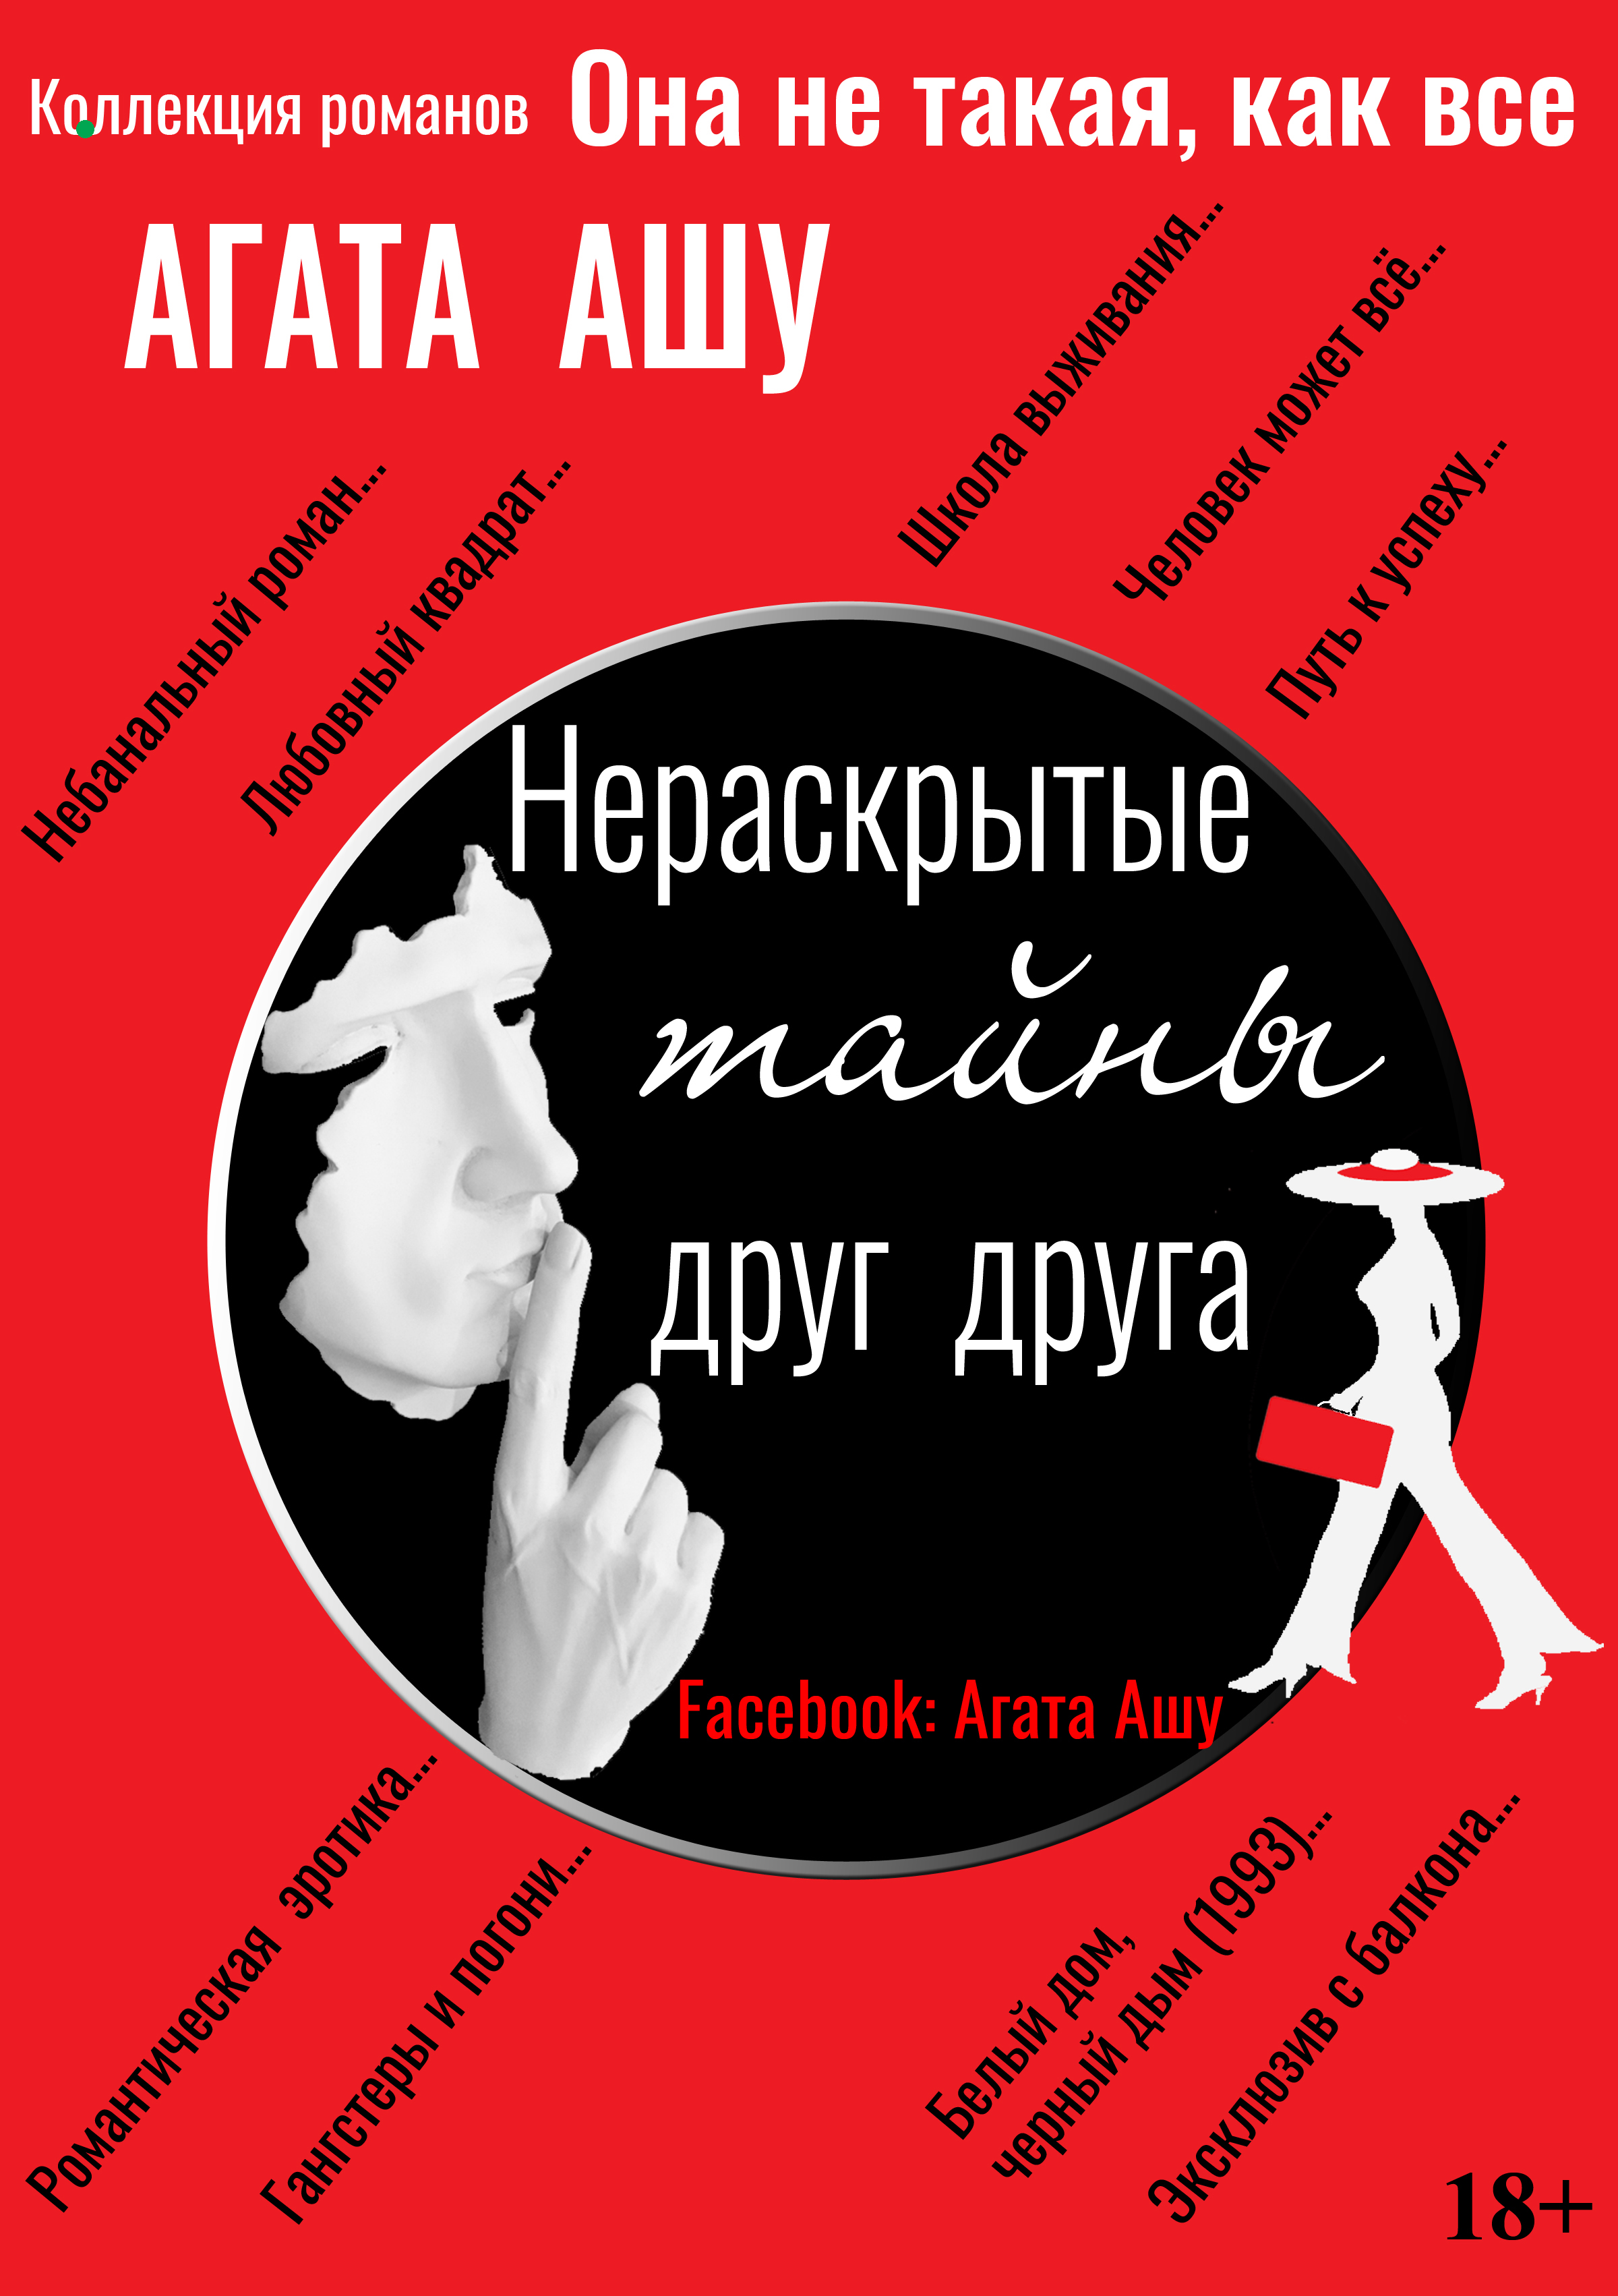 Купить книгу Не раскрытые тайны друг друга, автора Агаты Ашу